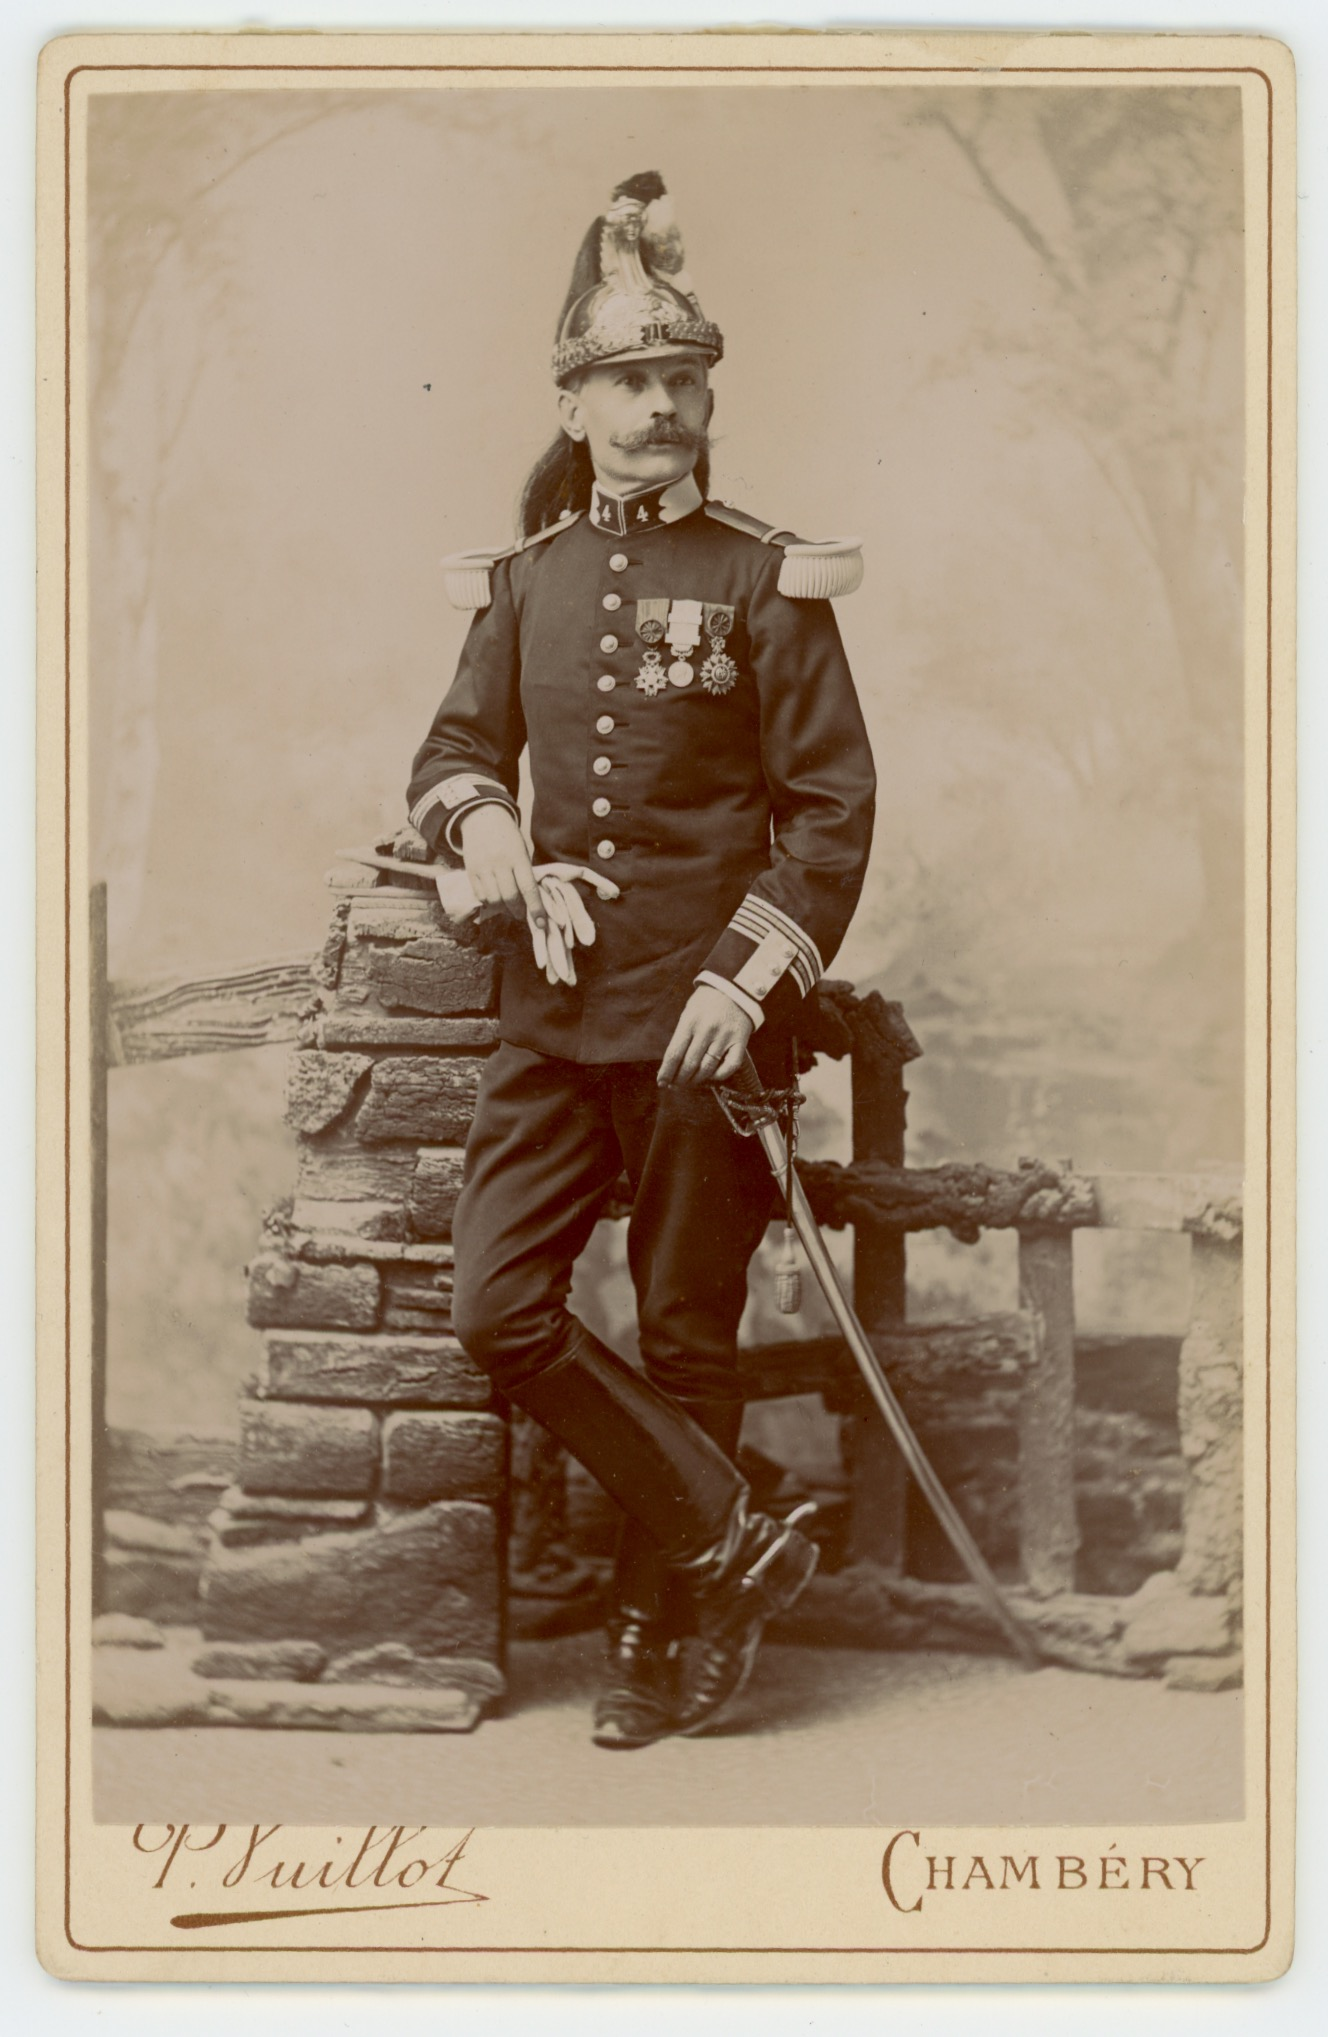 Ancienne Photographie - Grande CDV - Dragons 4 régiment - Décoration - Colonel de Chaléon - 3è République - Chambéry - Uniforme